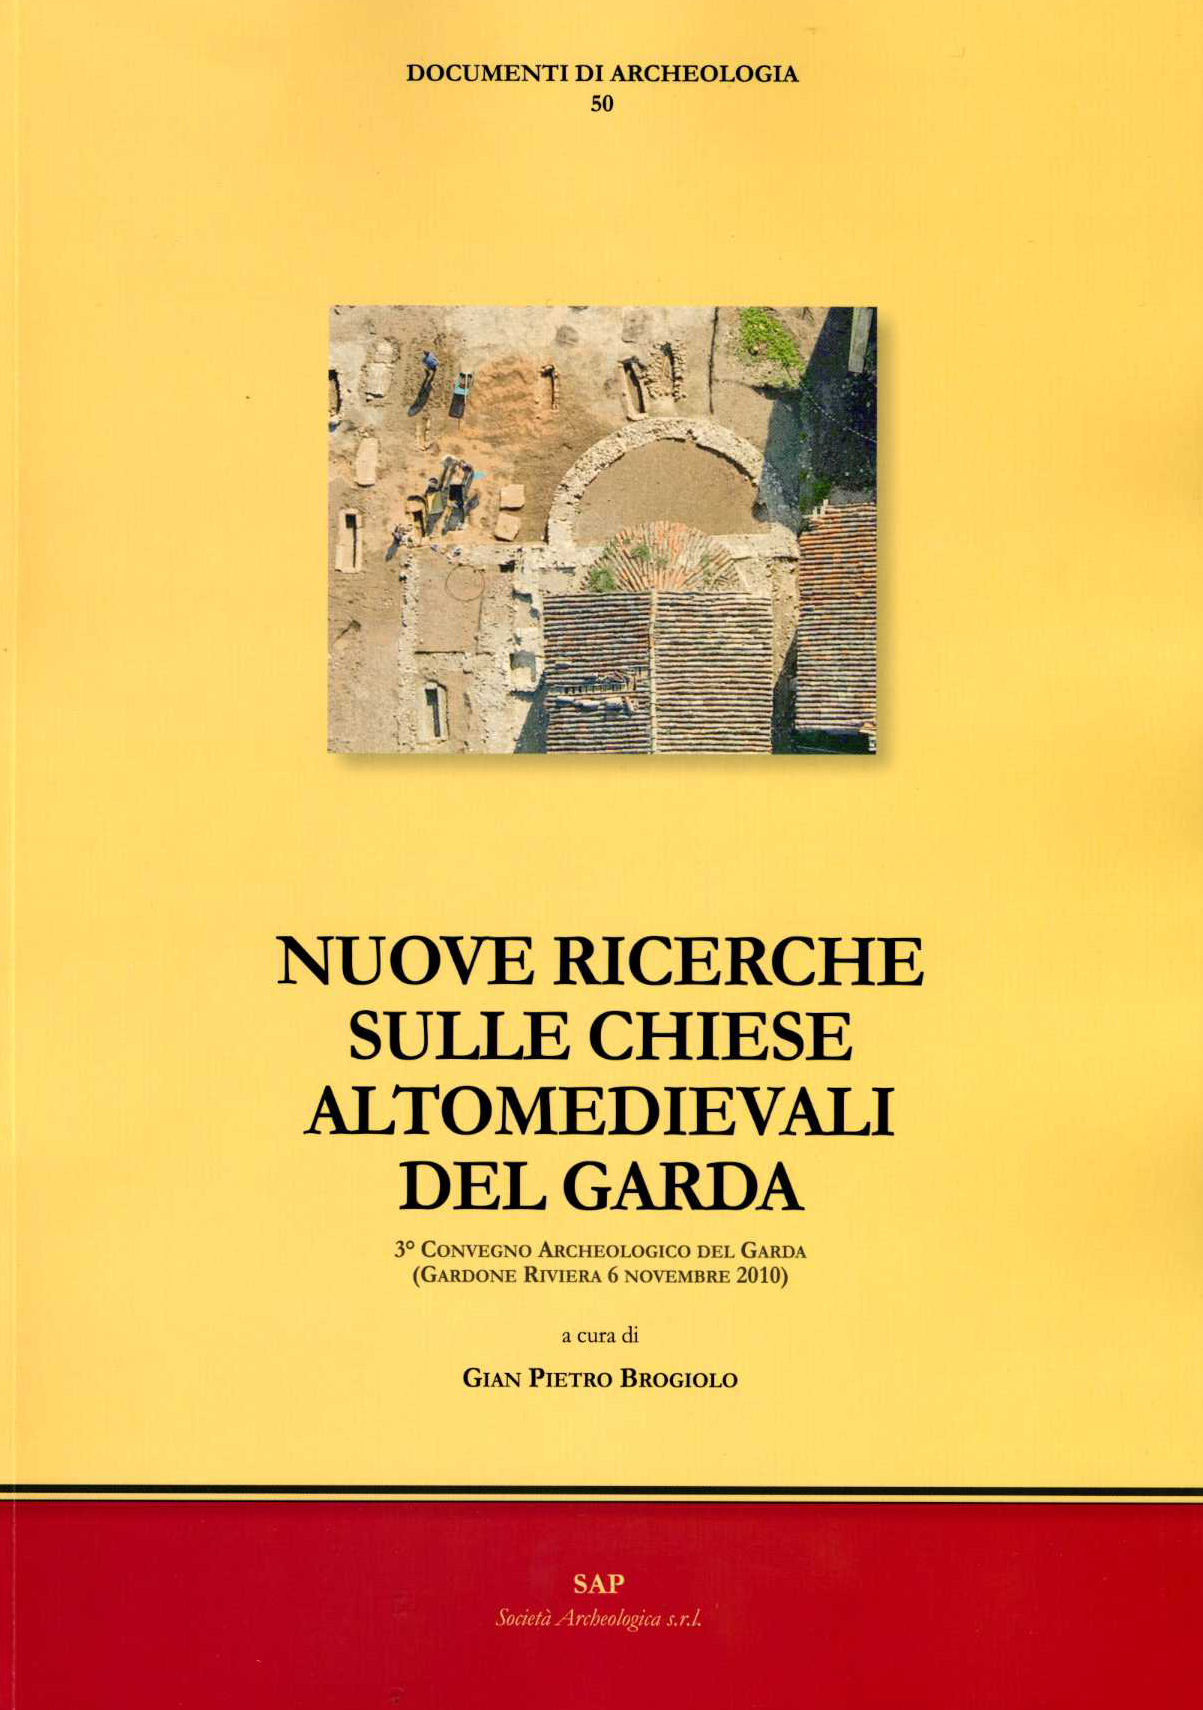 Nuove ricerche sulle chiese altomedievali del Garda